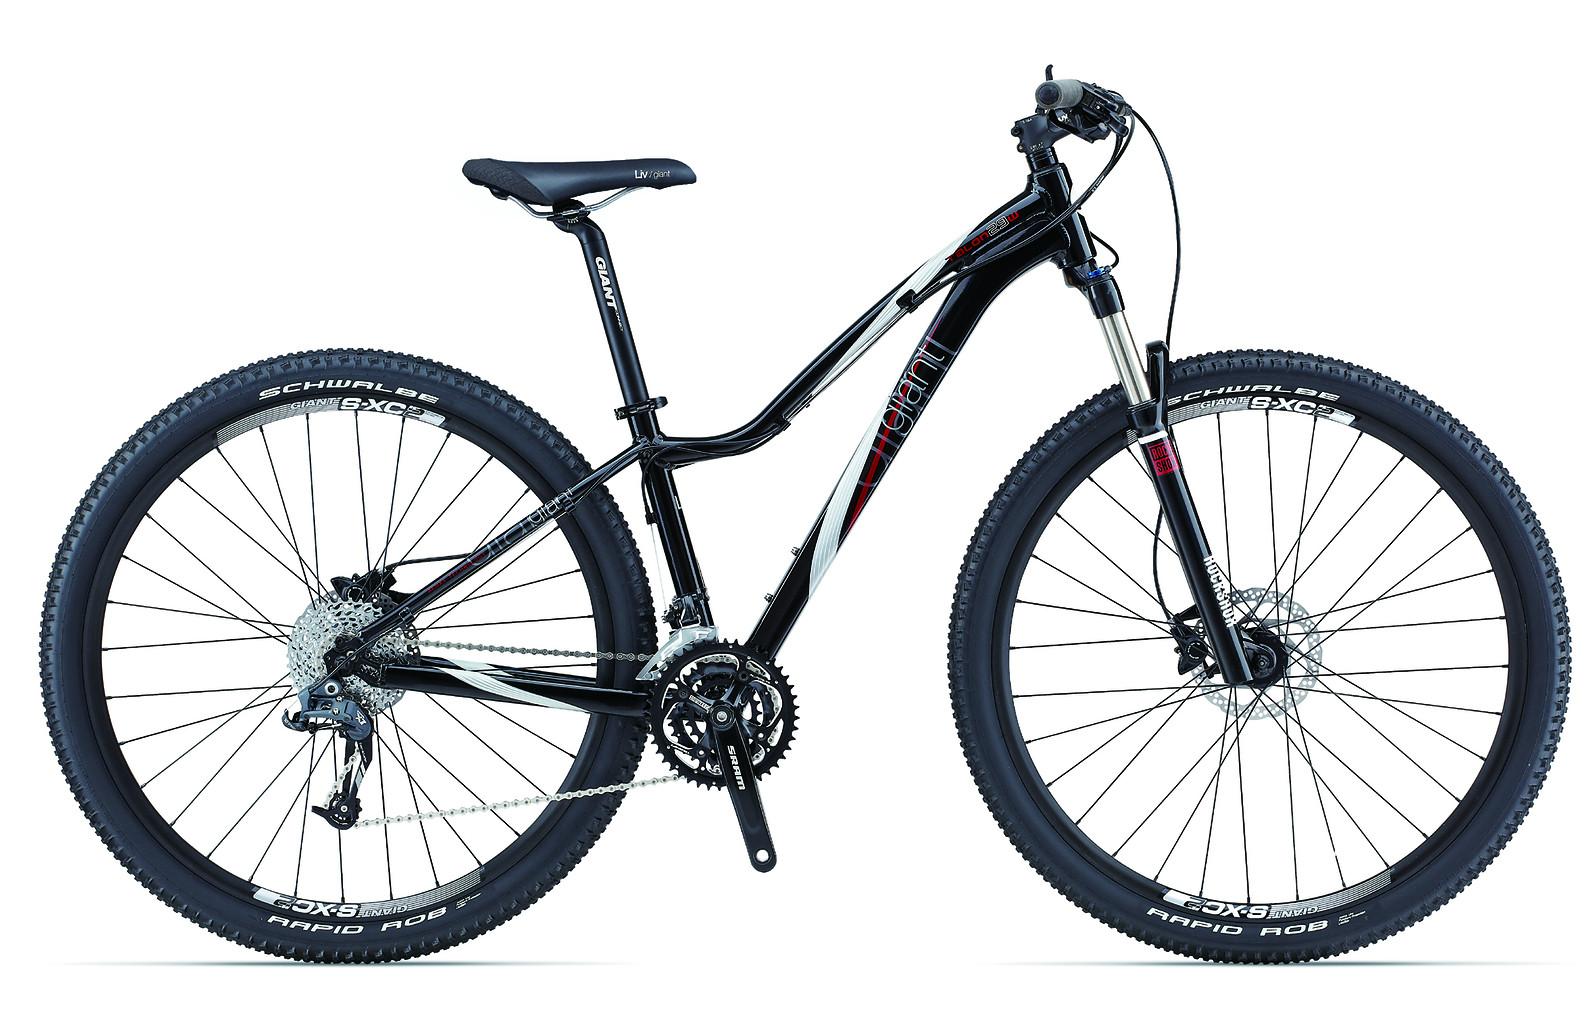 2013 Giant Talon 29er 0 W Bike Talon_29er_0_W